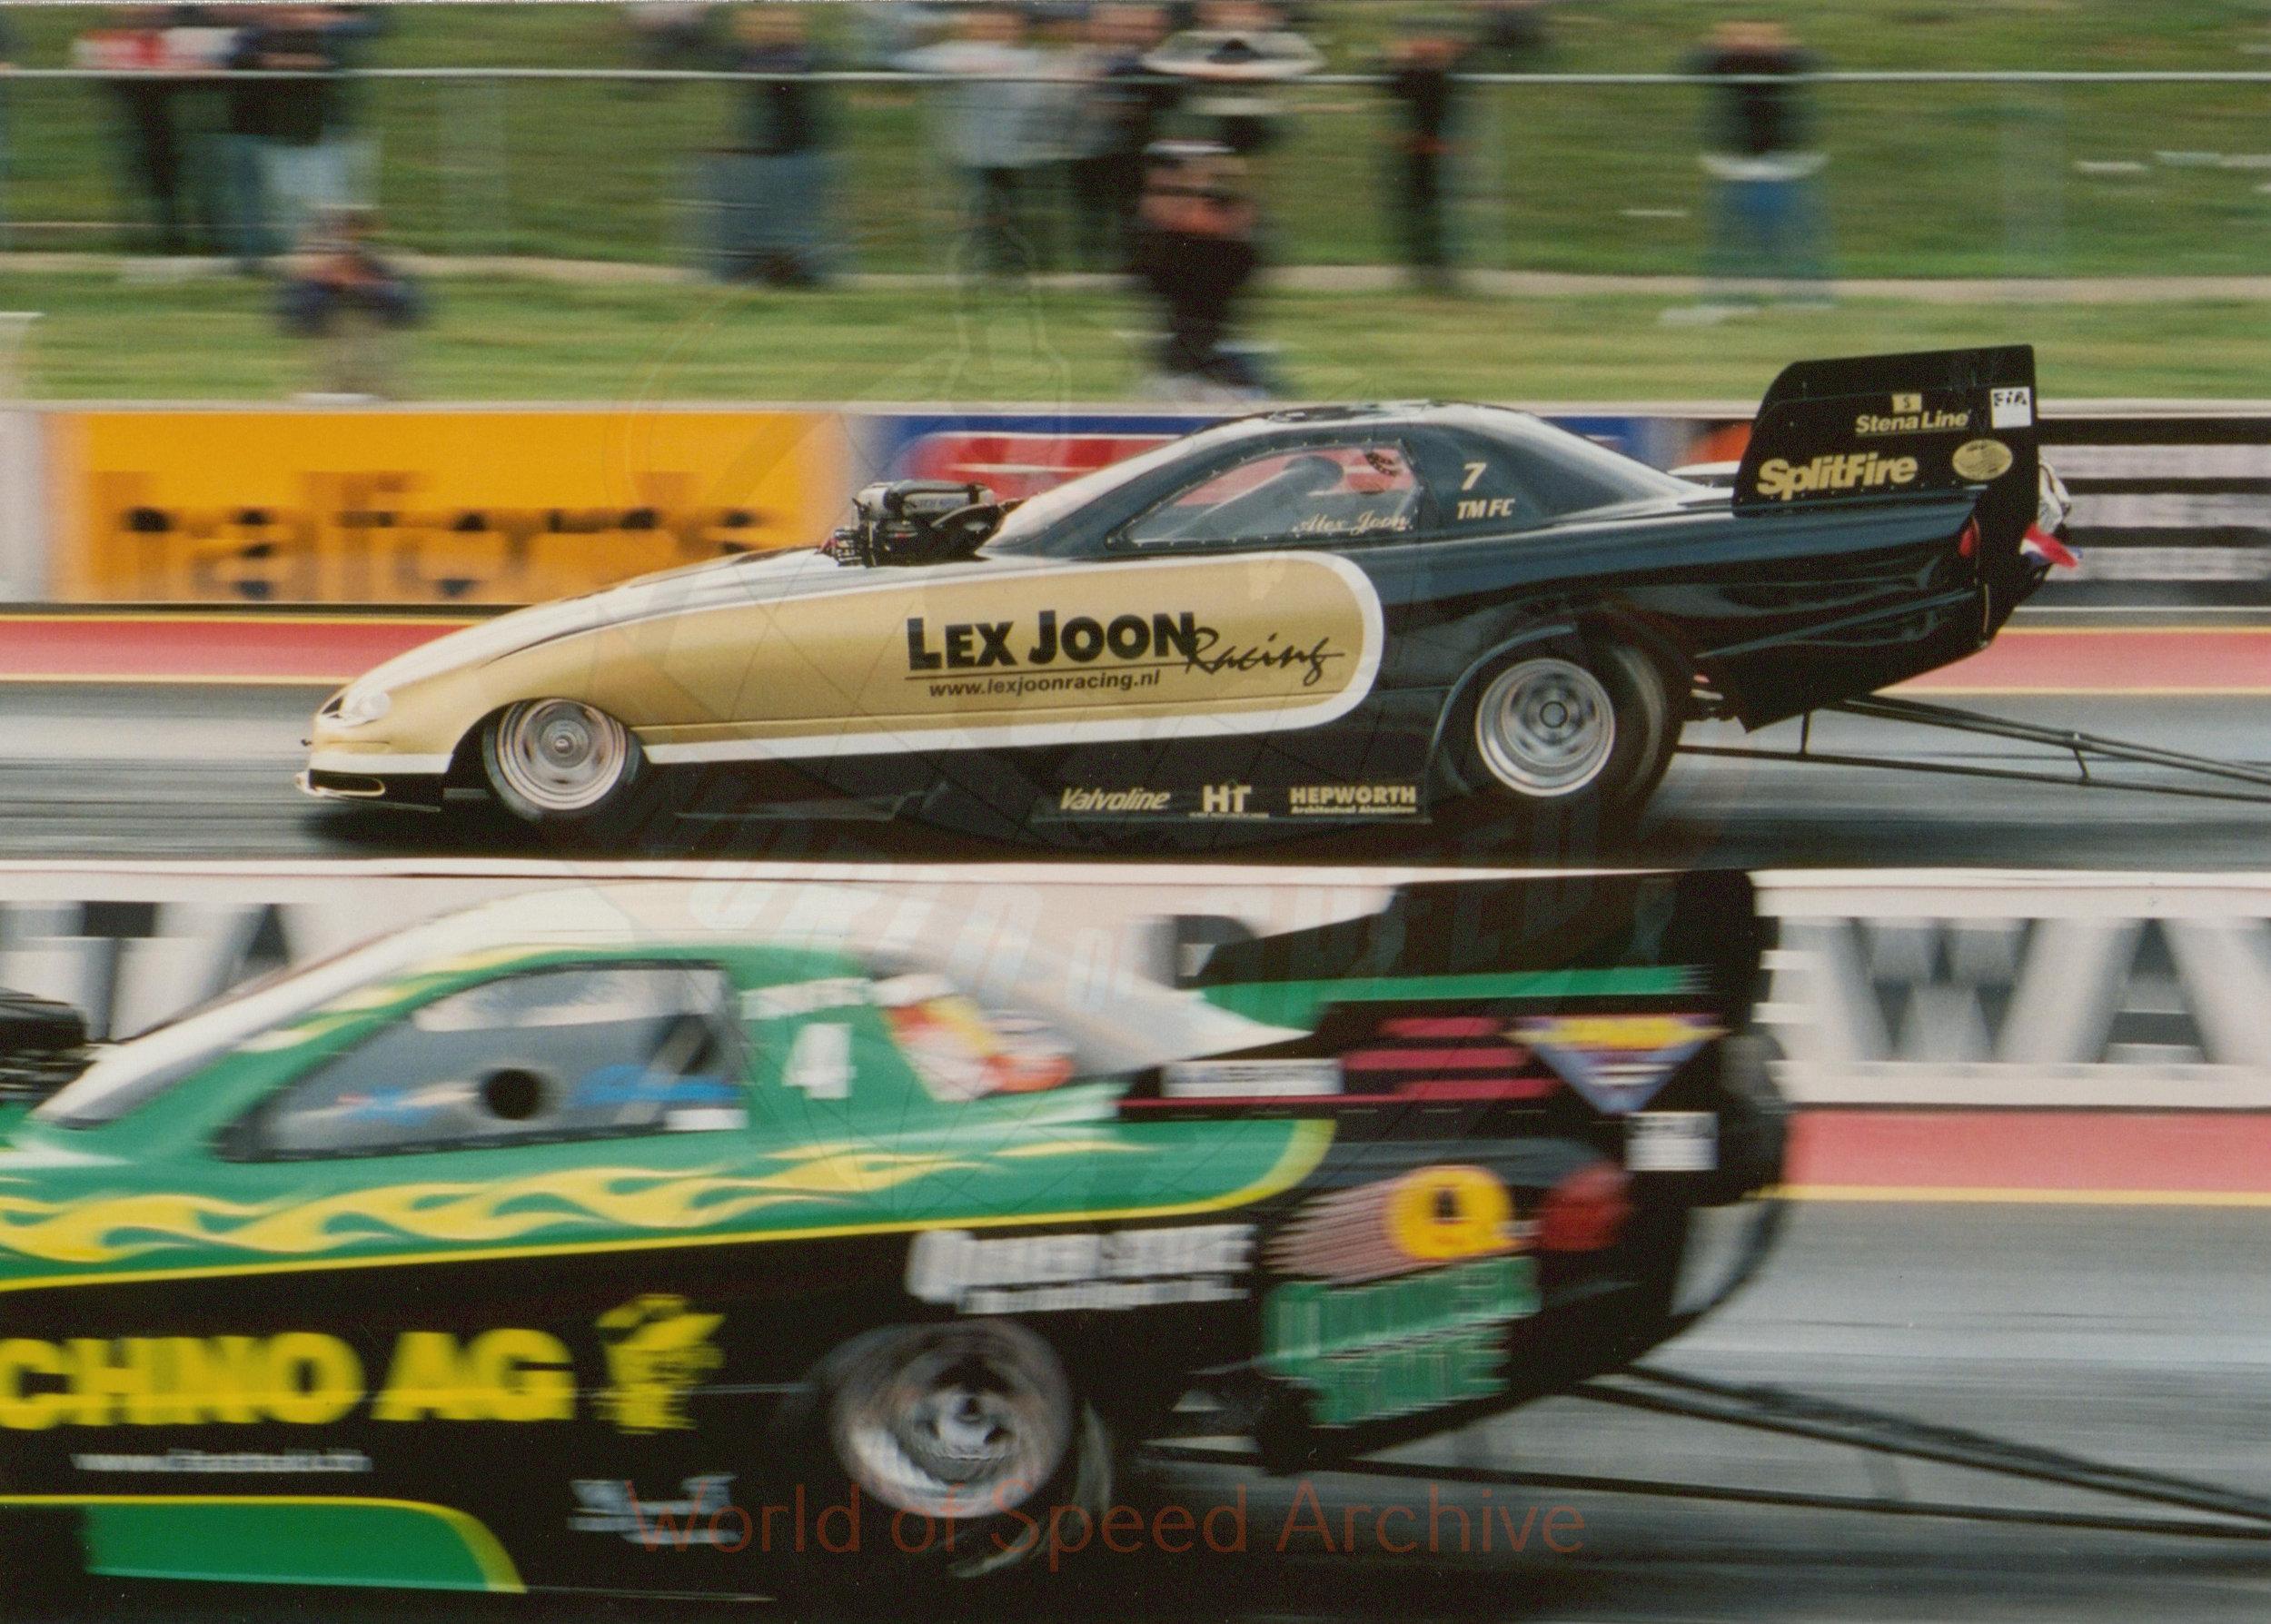 B2-S2-G1-F10-002 - Lex Joon Racing